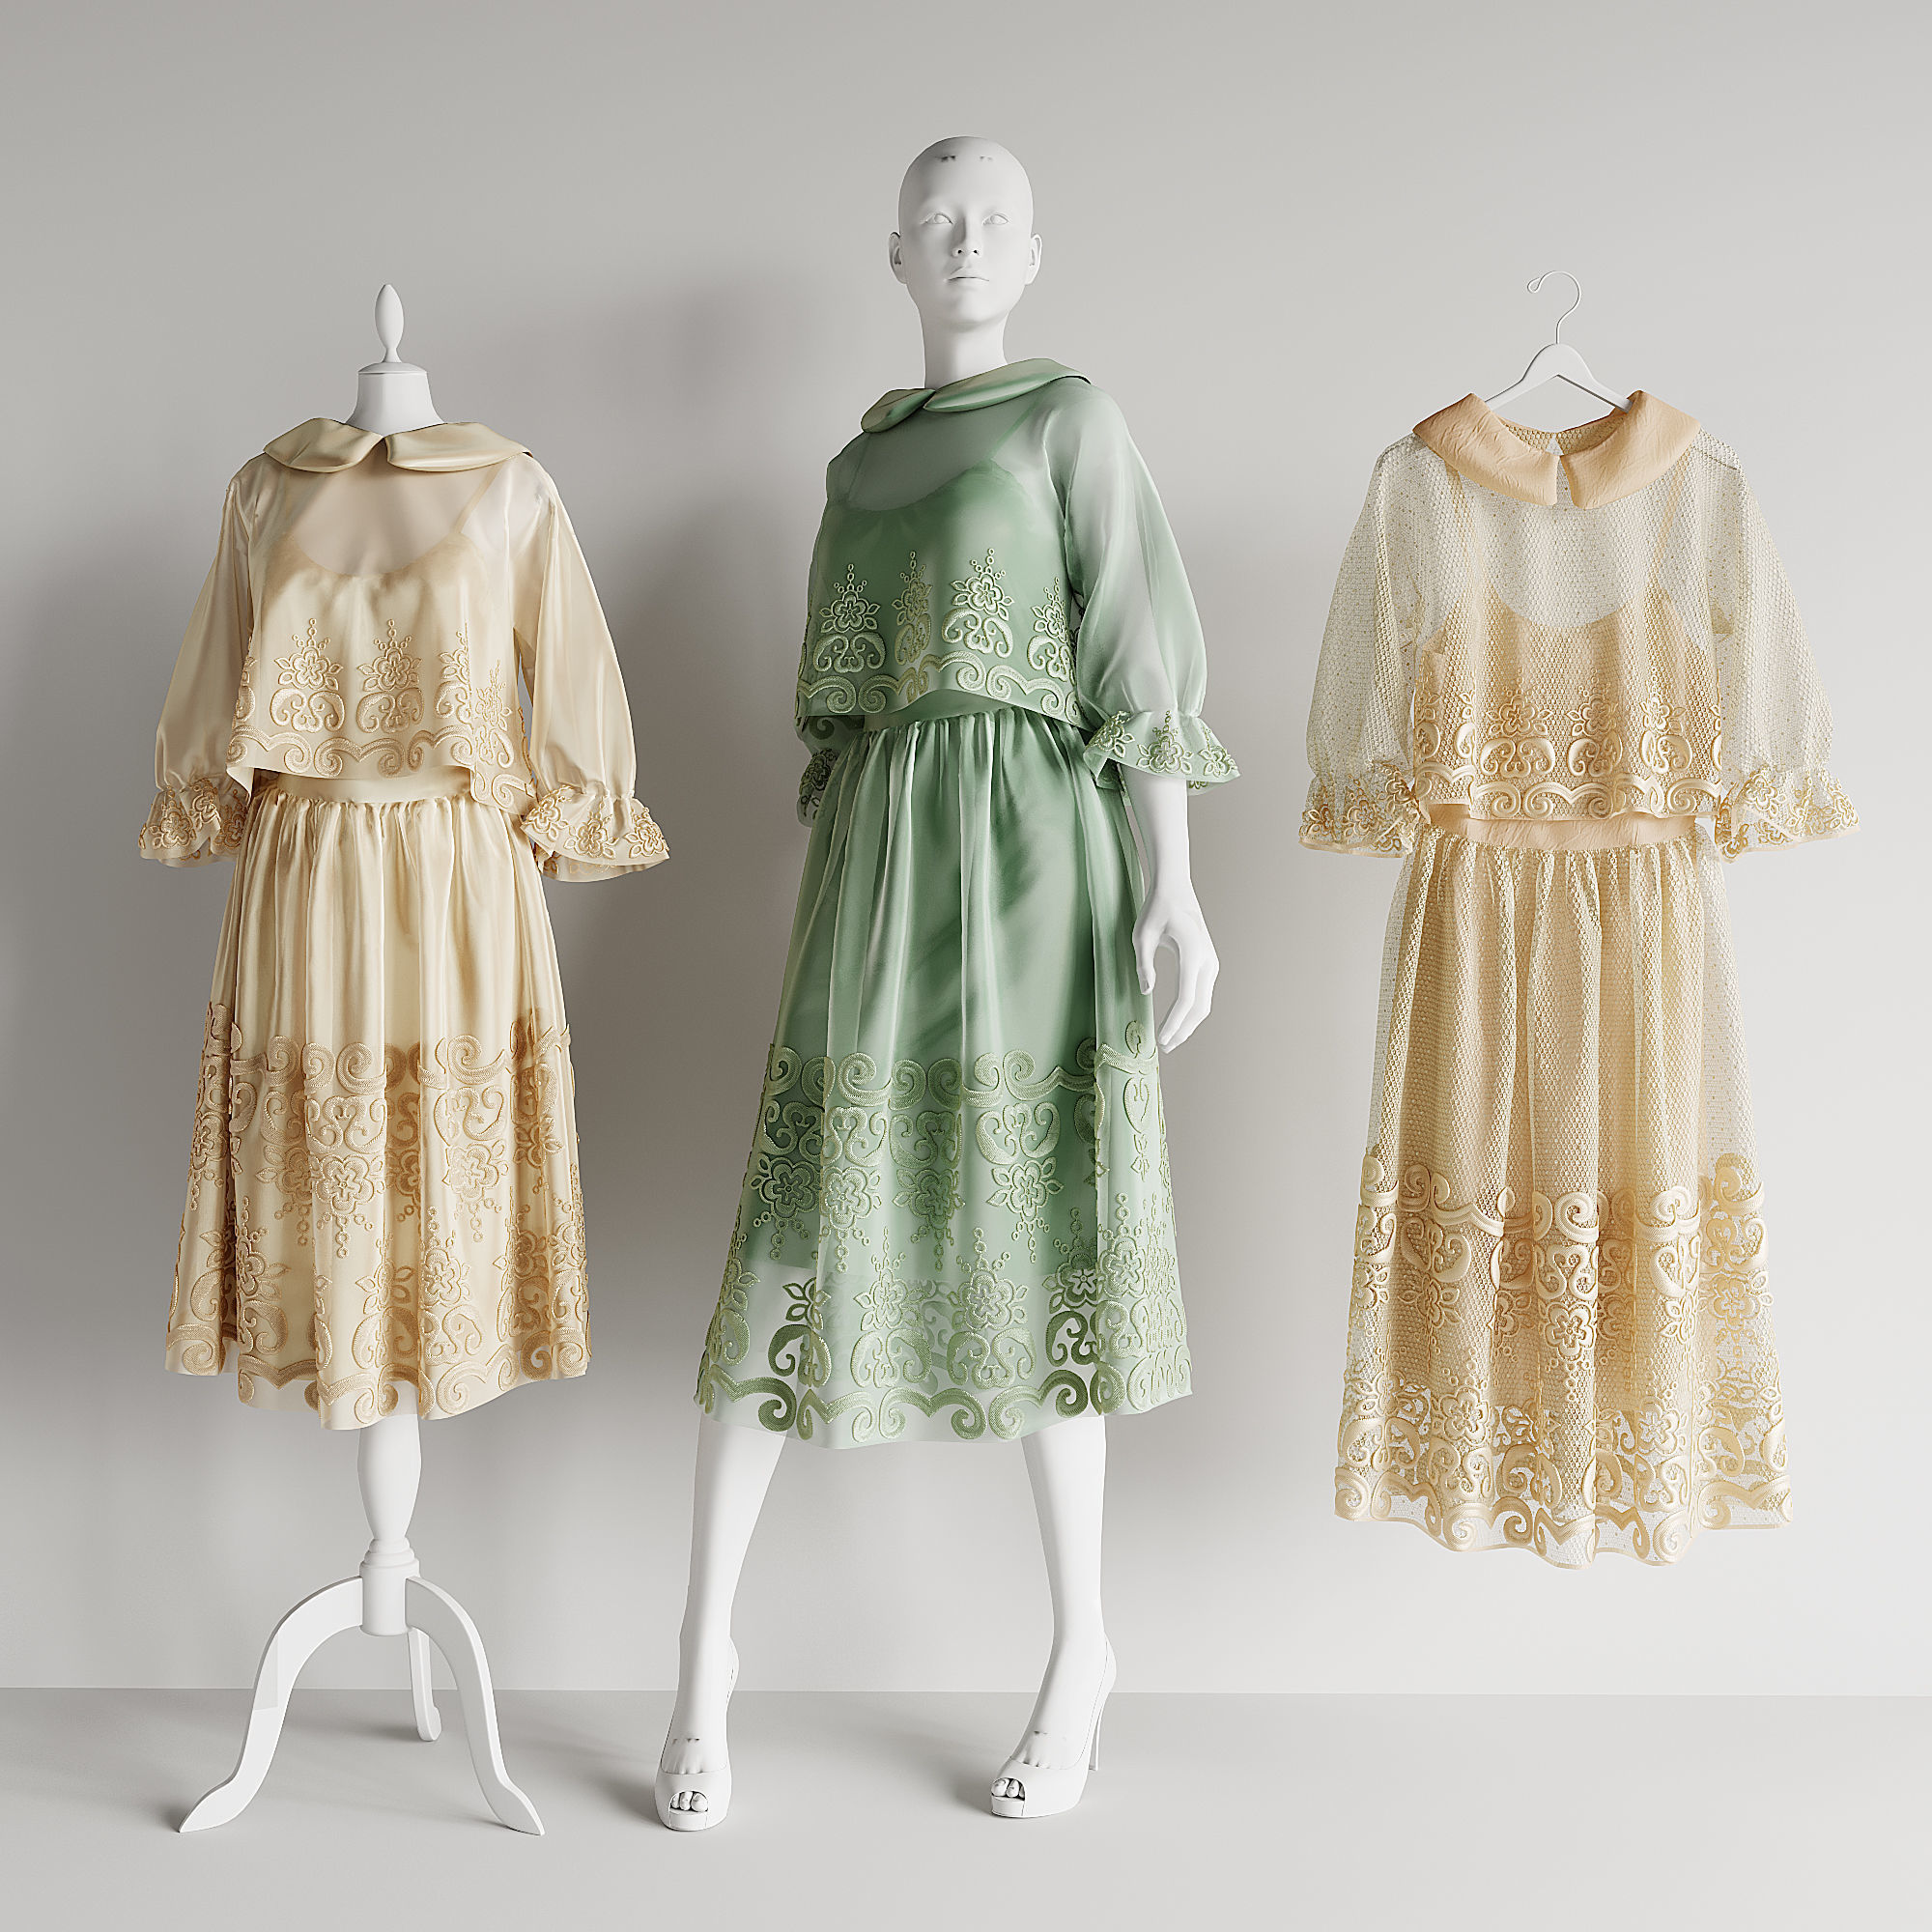 dress mannequin hanger wardrobe shop boutique salon